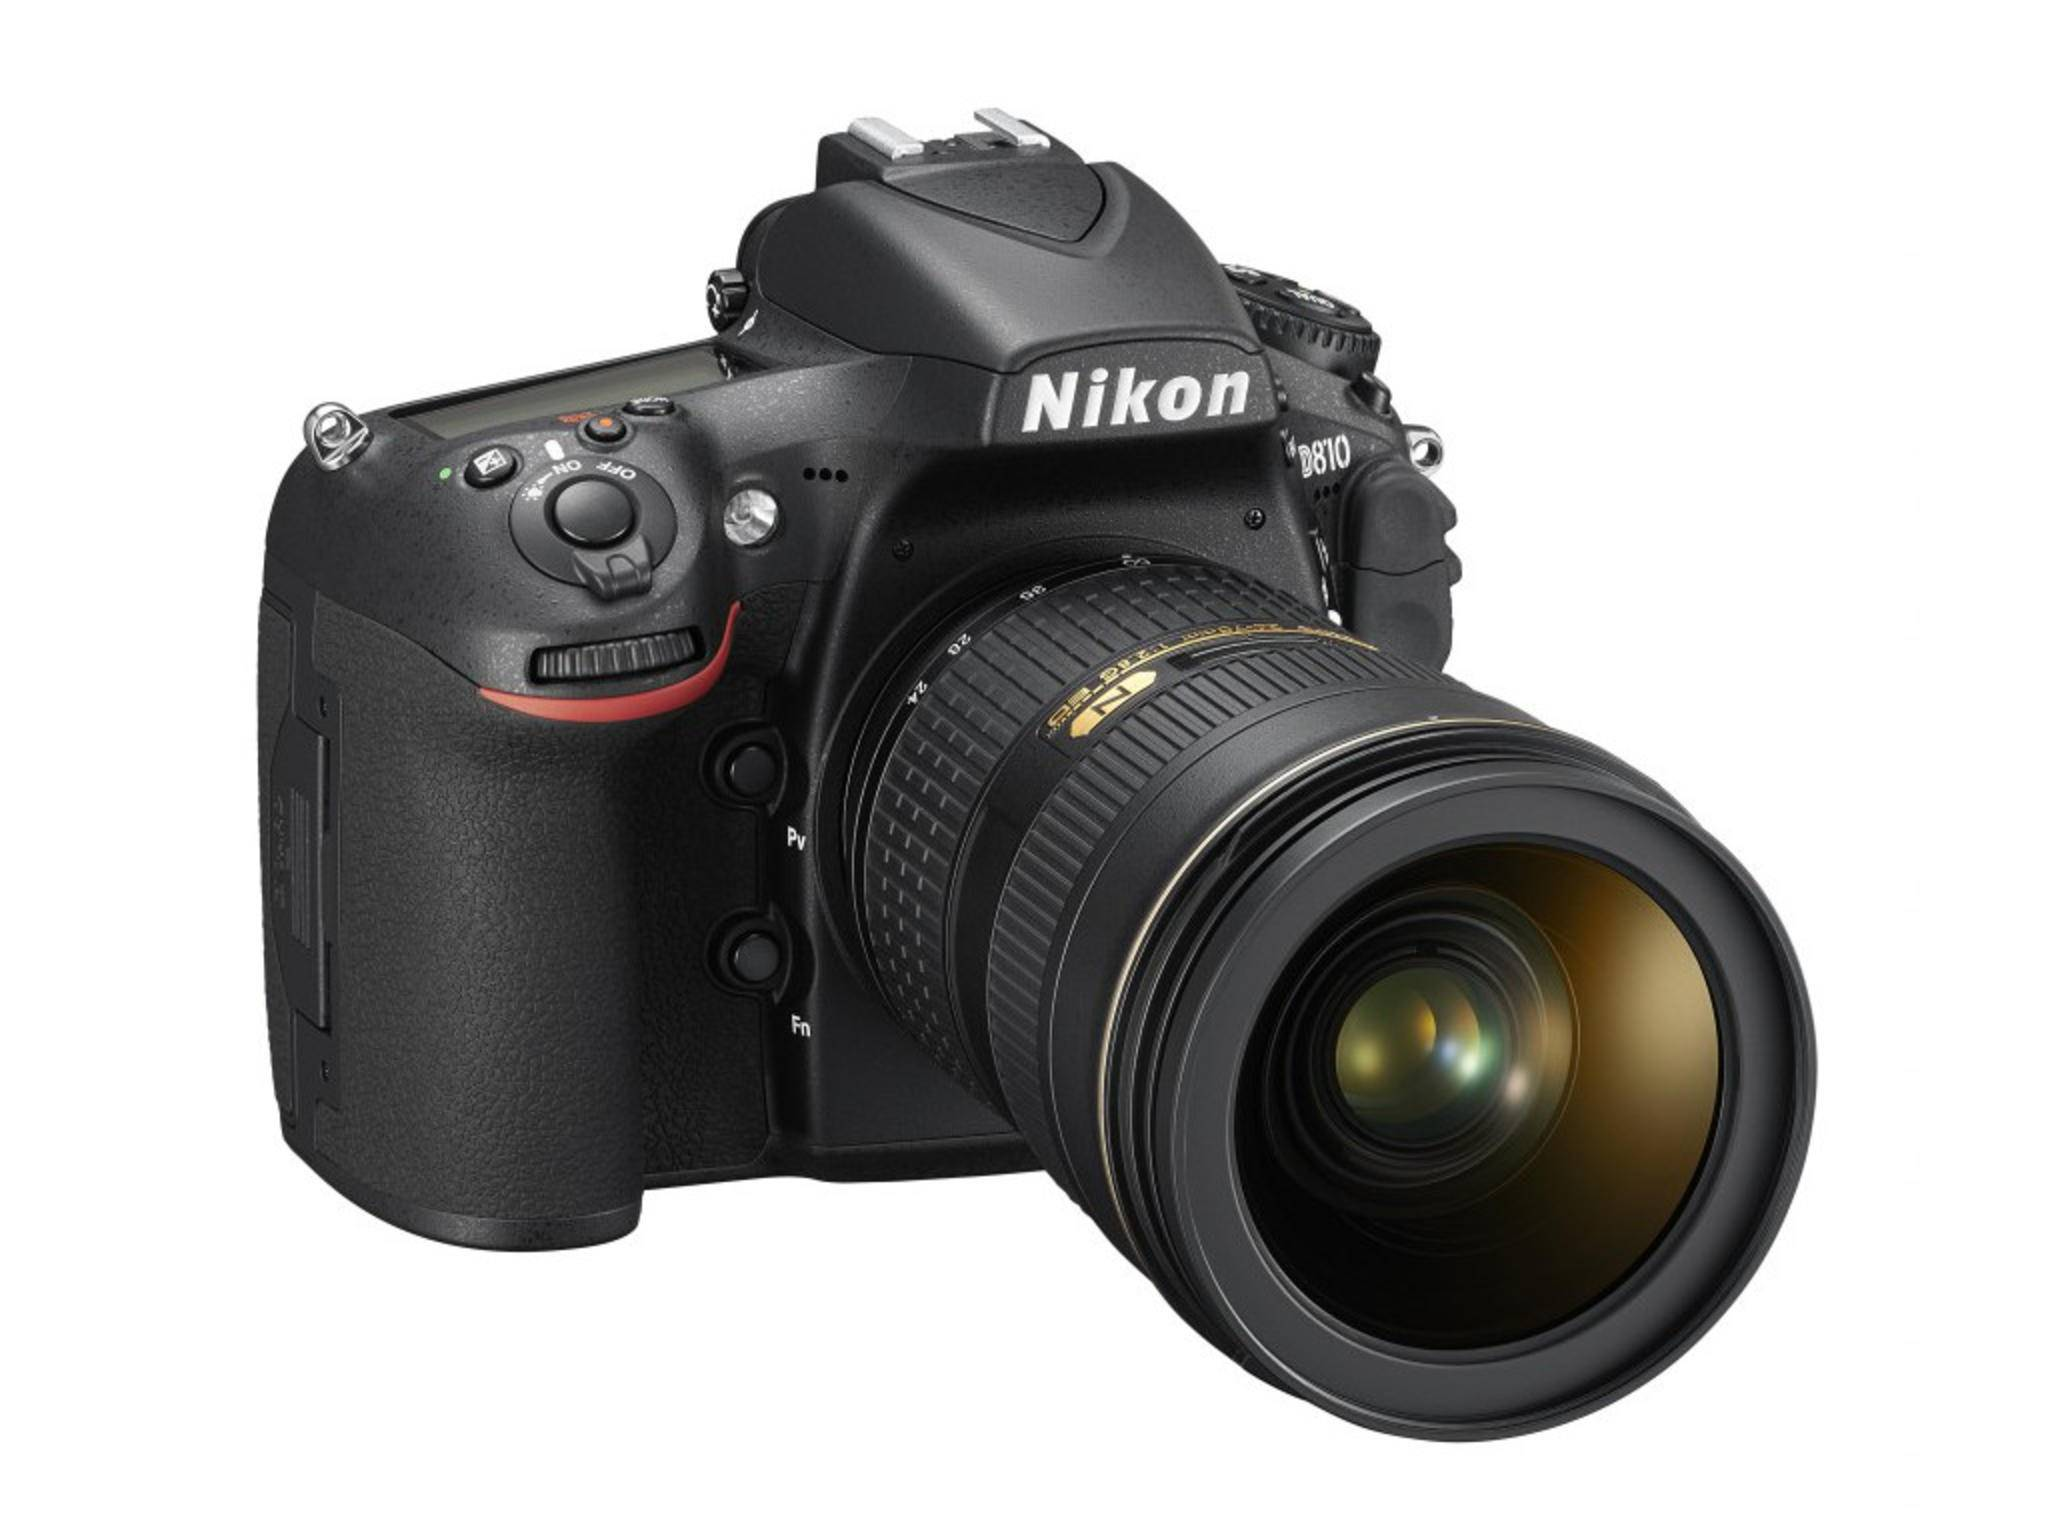 Die Nikon D810A ist eine überarbeitete Version der D810.